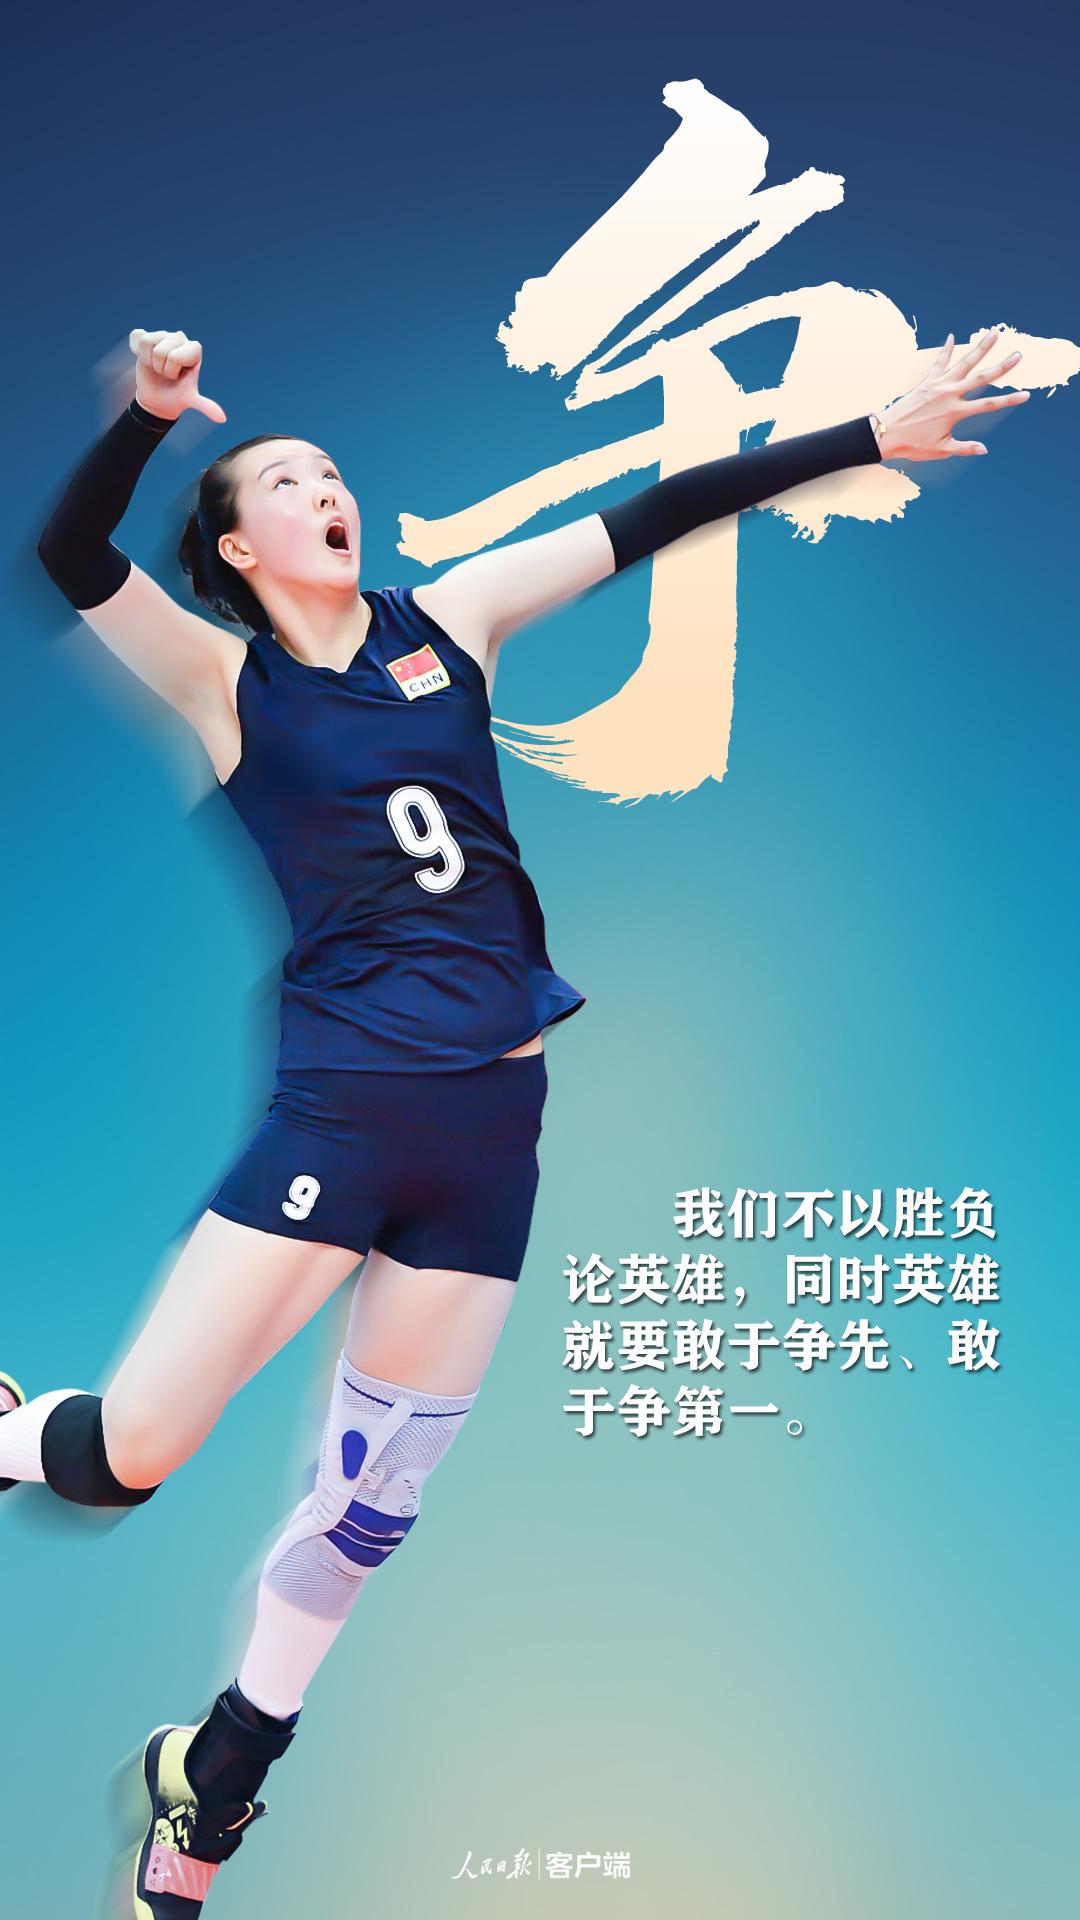 习近平心中的奥林匹克精神3.jpeg